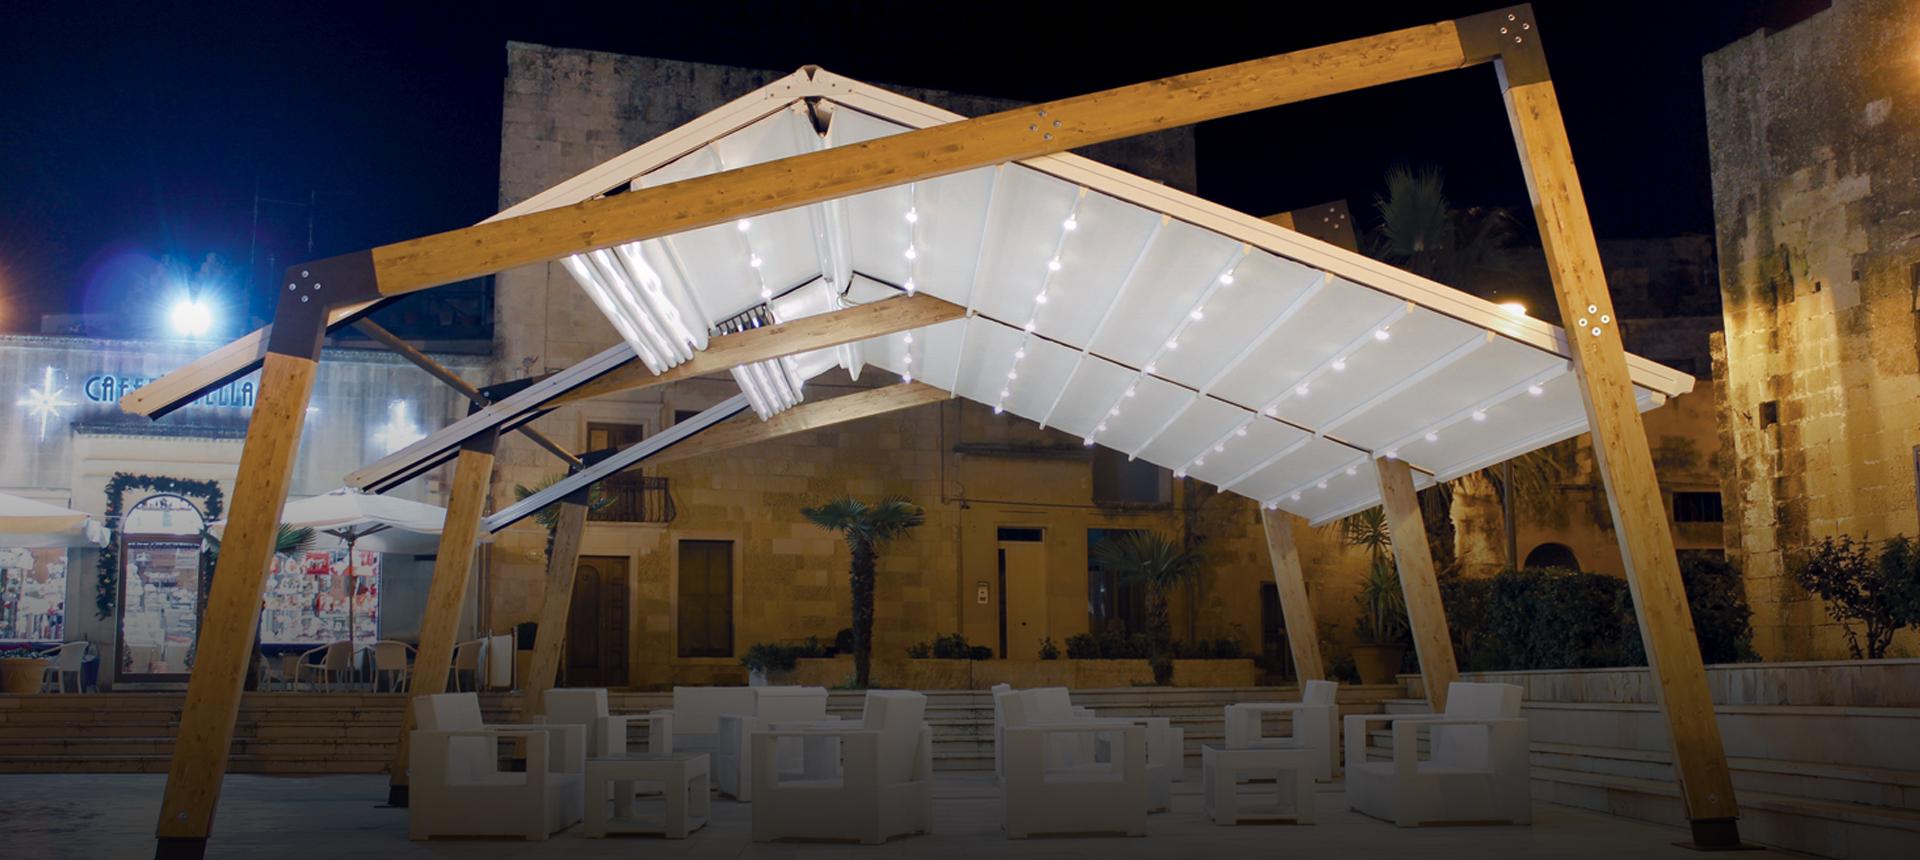 strutture per coperture esterno locali commerciali